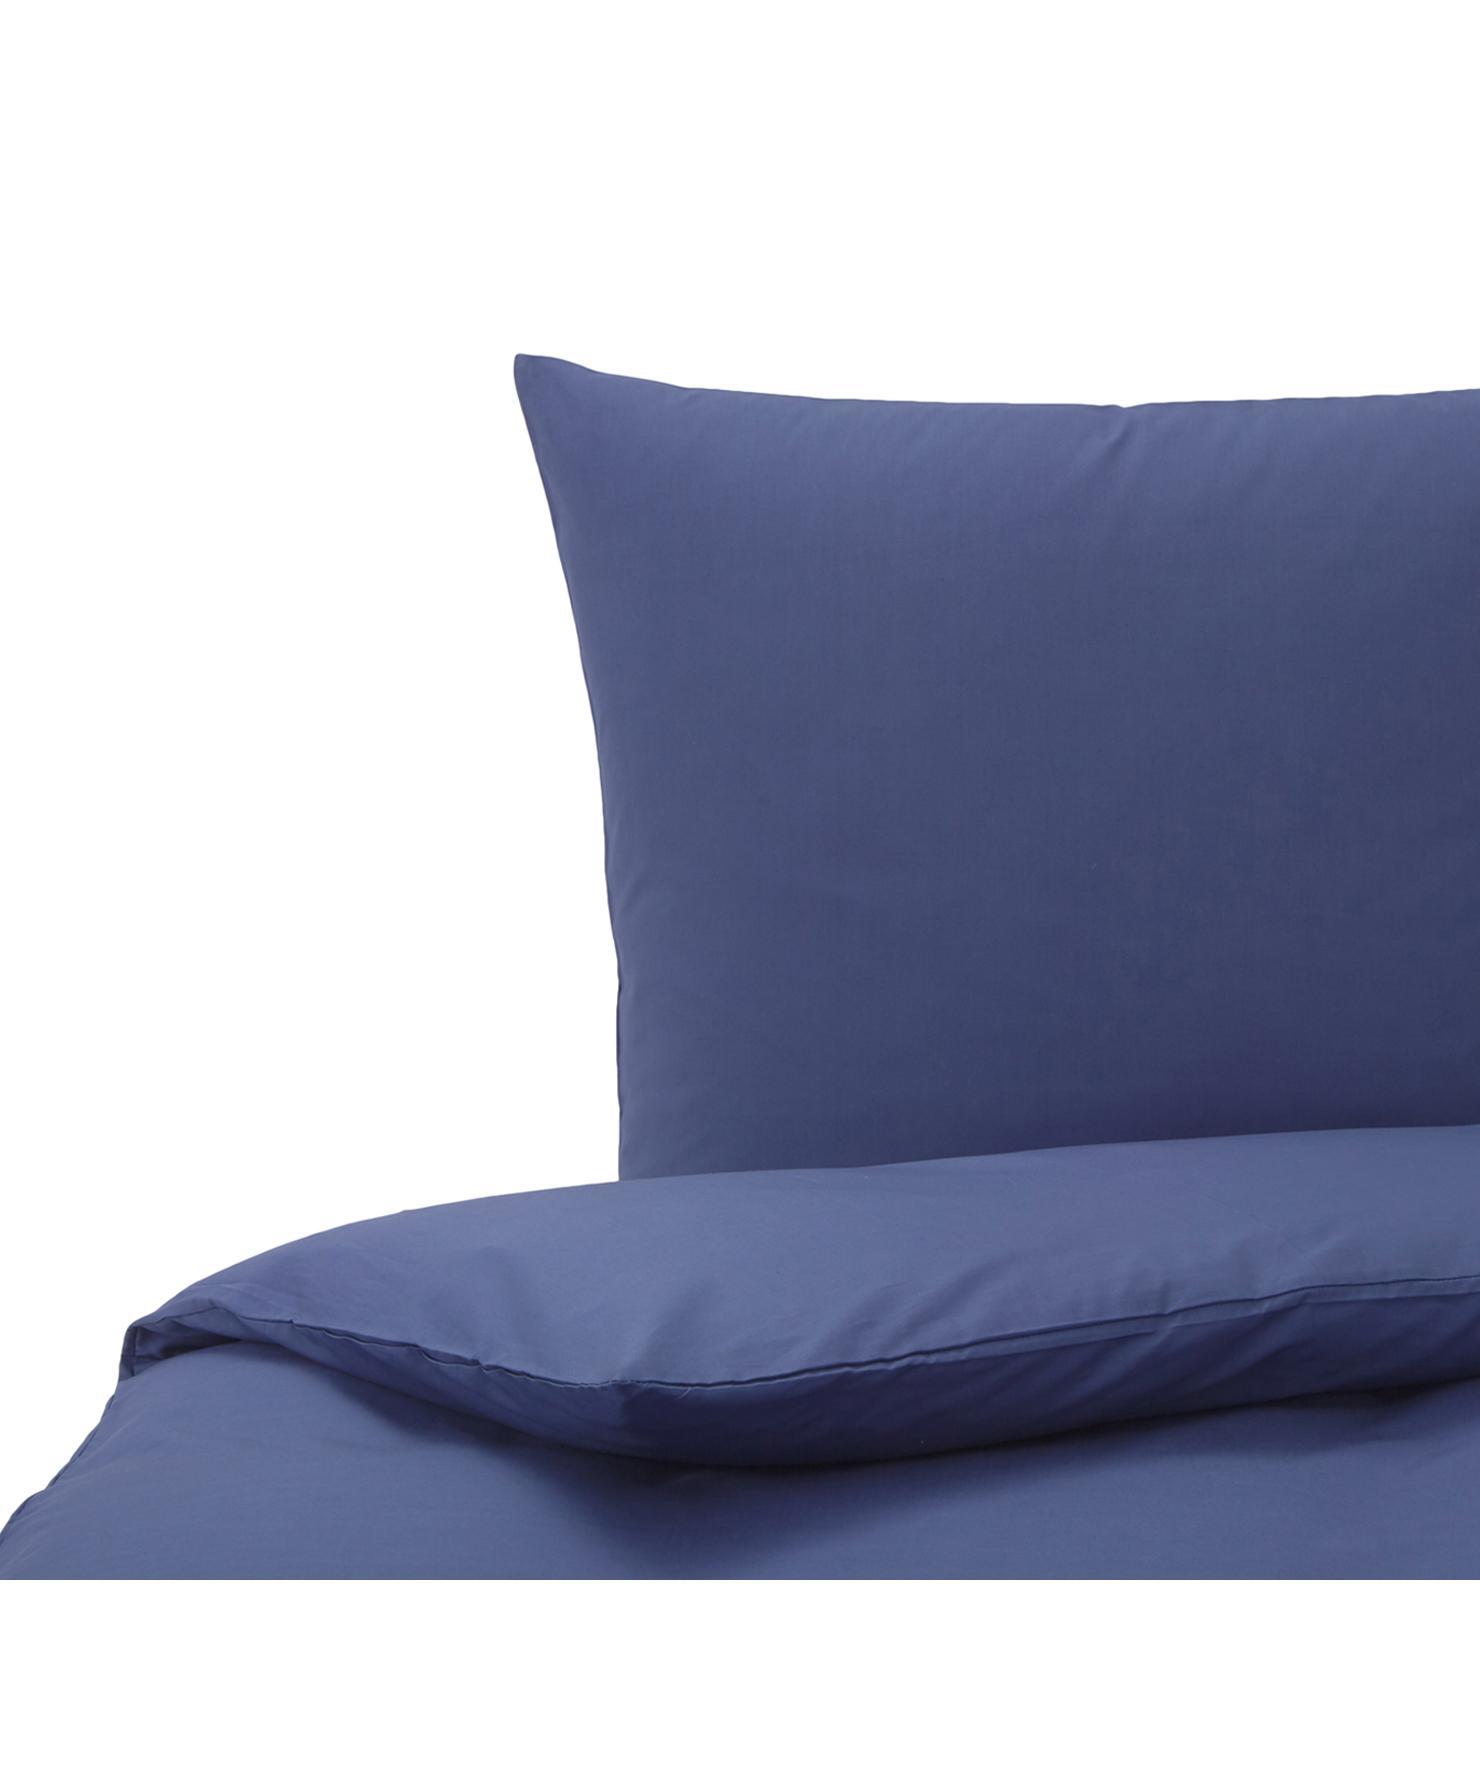 Baumwoll-Bettwäsche Weekend in Dunkelblau, 100% Baumwolle  Fadendichte 145 TC, Standard Qualität  Bettwäsche aus Baumwolle fühlt sich auf der Haut angenehm weich an, nimmt Feuchtigkeit gut auf und eignet sich für Allergiker., Dunkelblau, 155 x 220 cm + 1 Kissen 80 x 80 cm